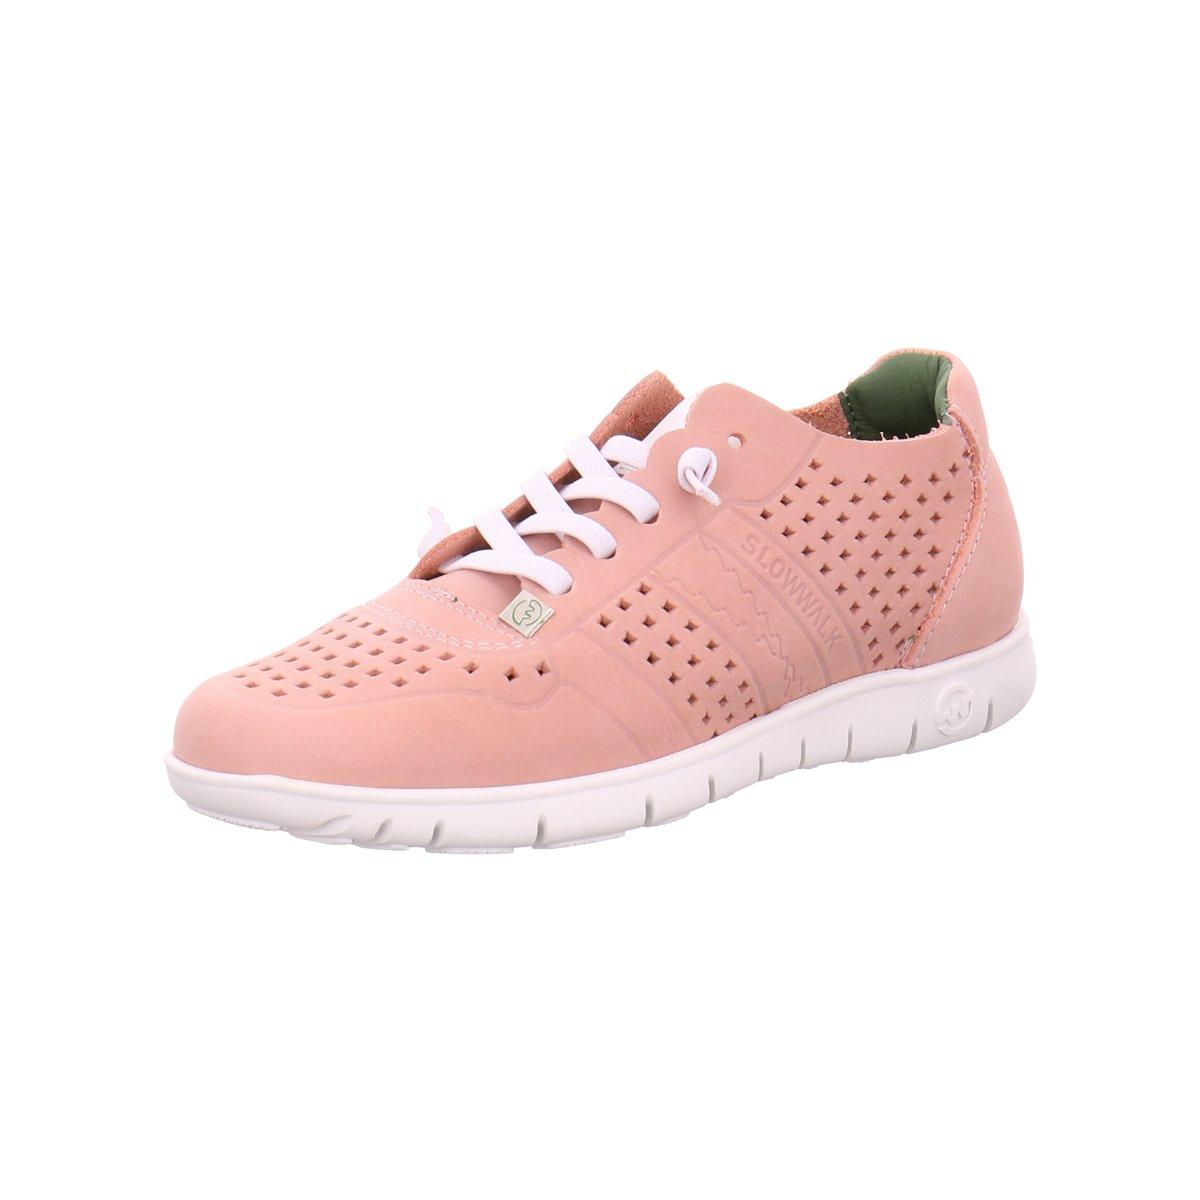 NEU Slowwalk Damen Sneaker 1050000 rosa 399881